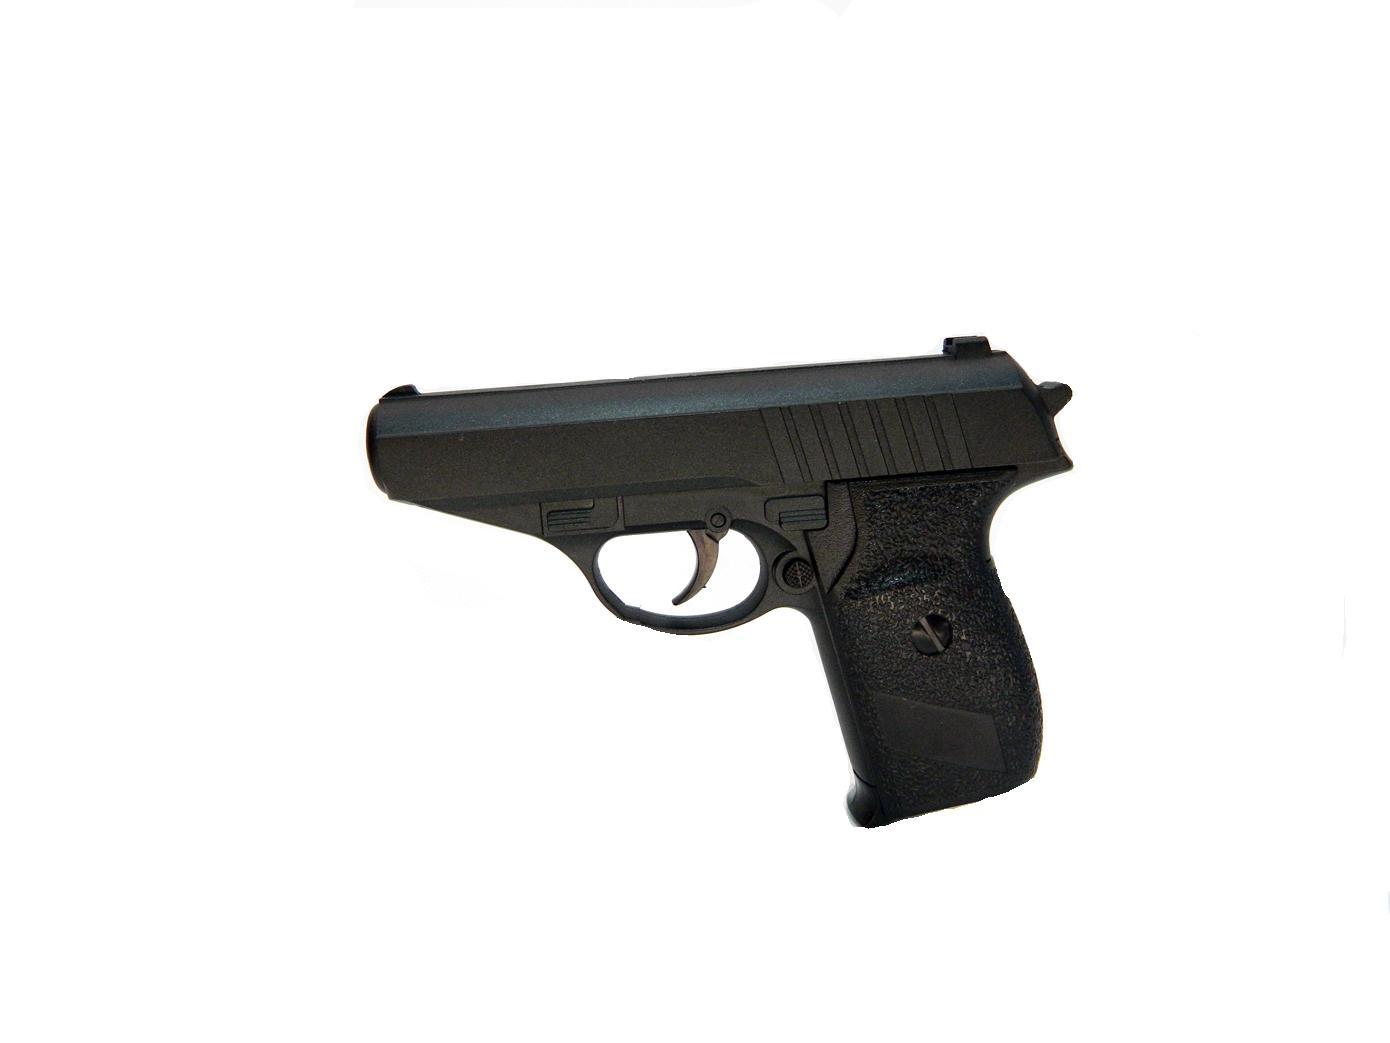 Макет пистолета Walther PPK в натуральную величину